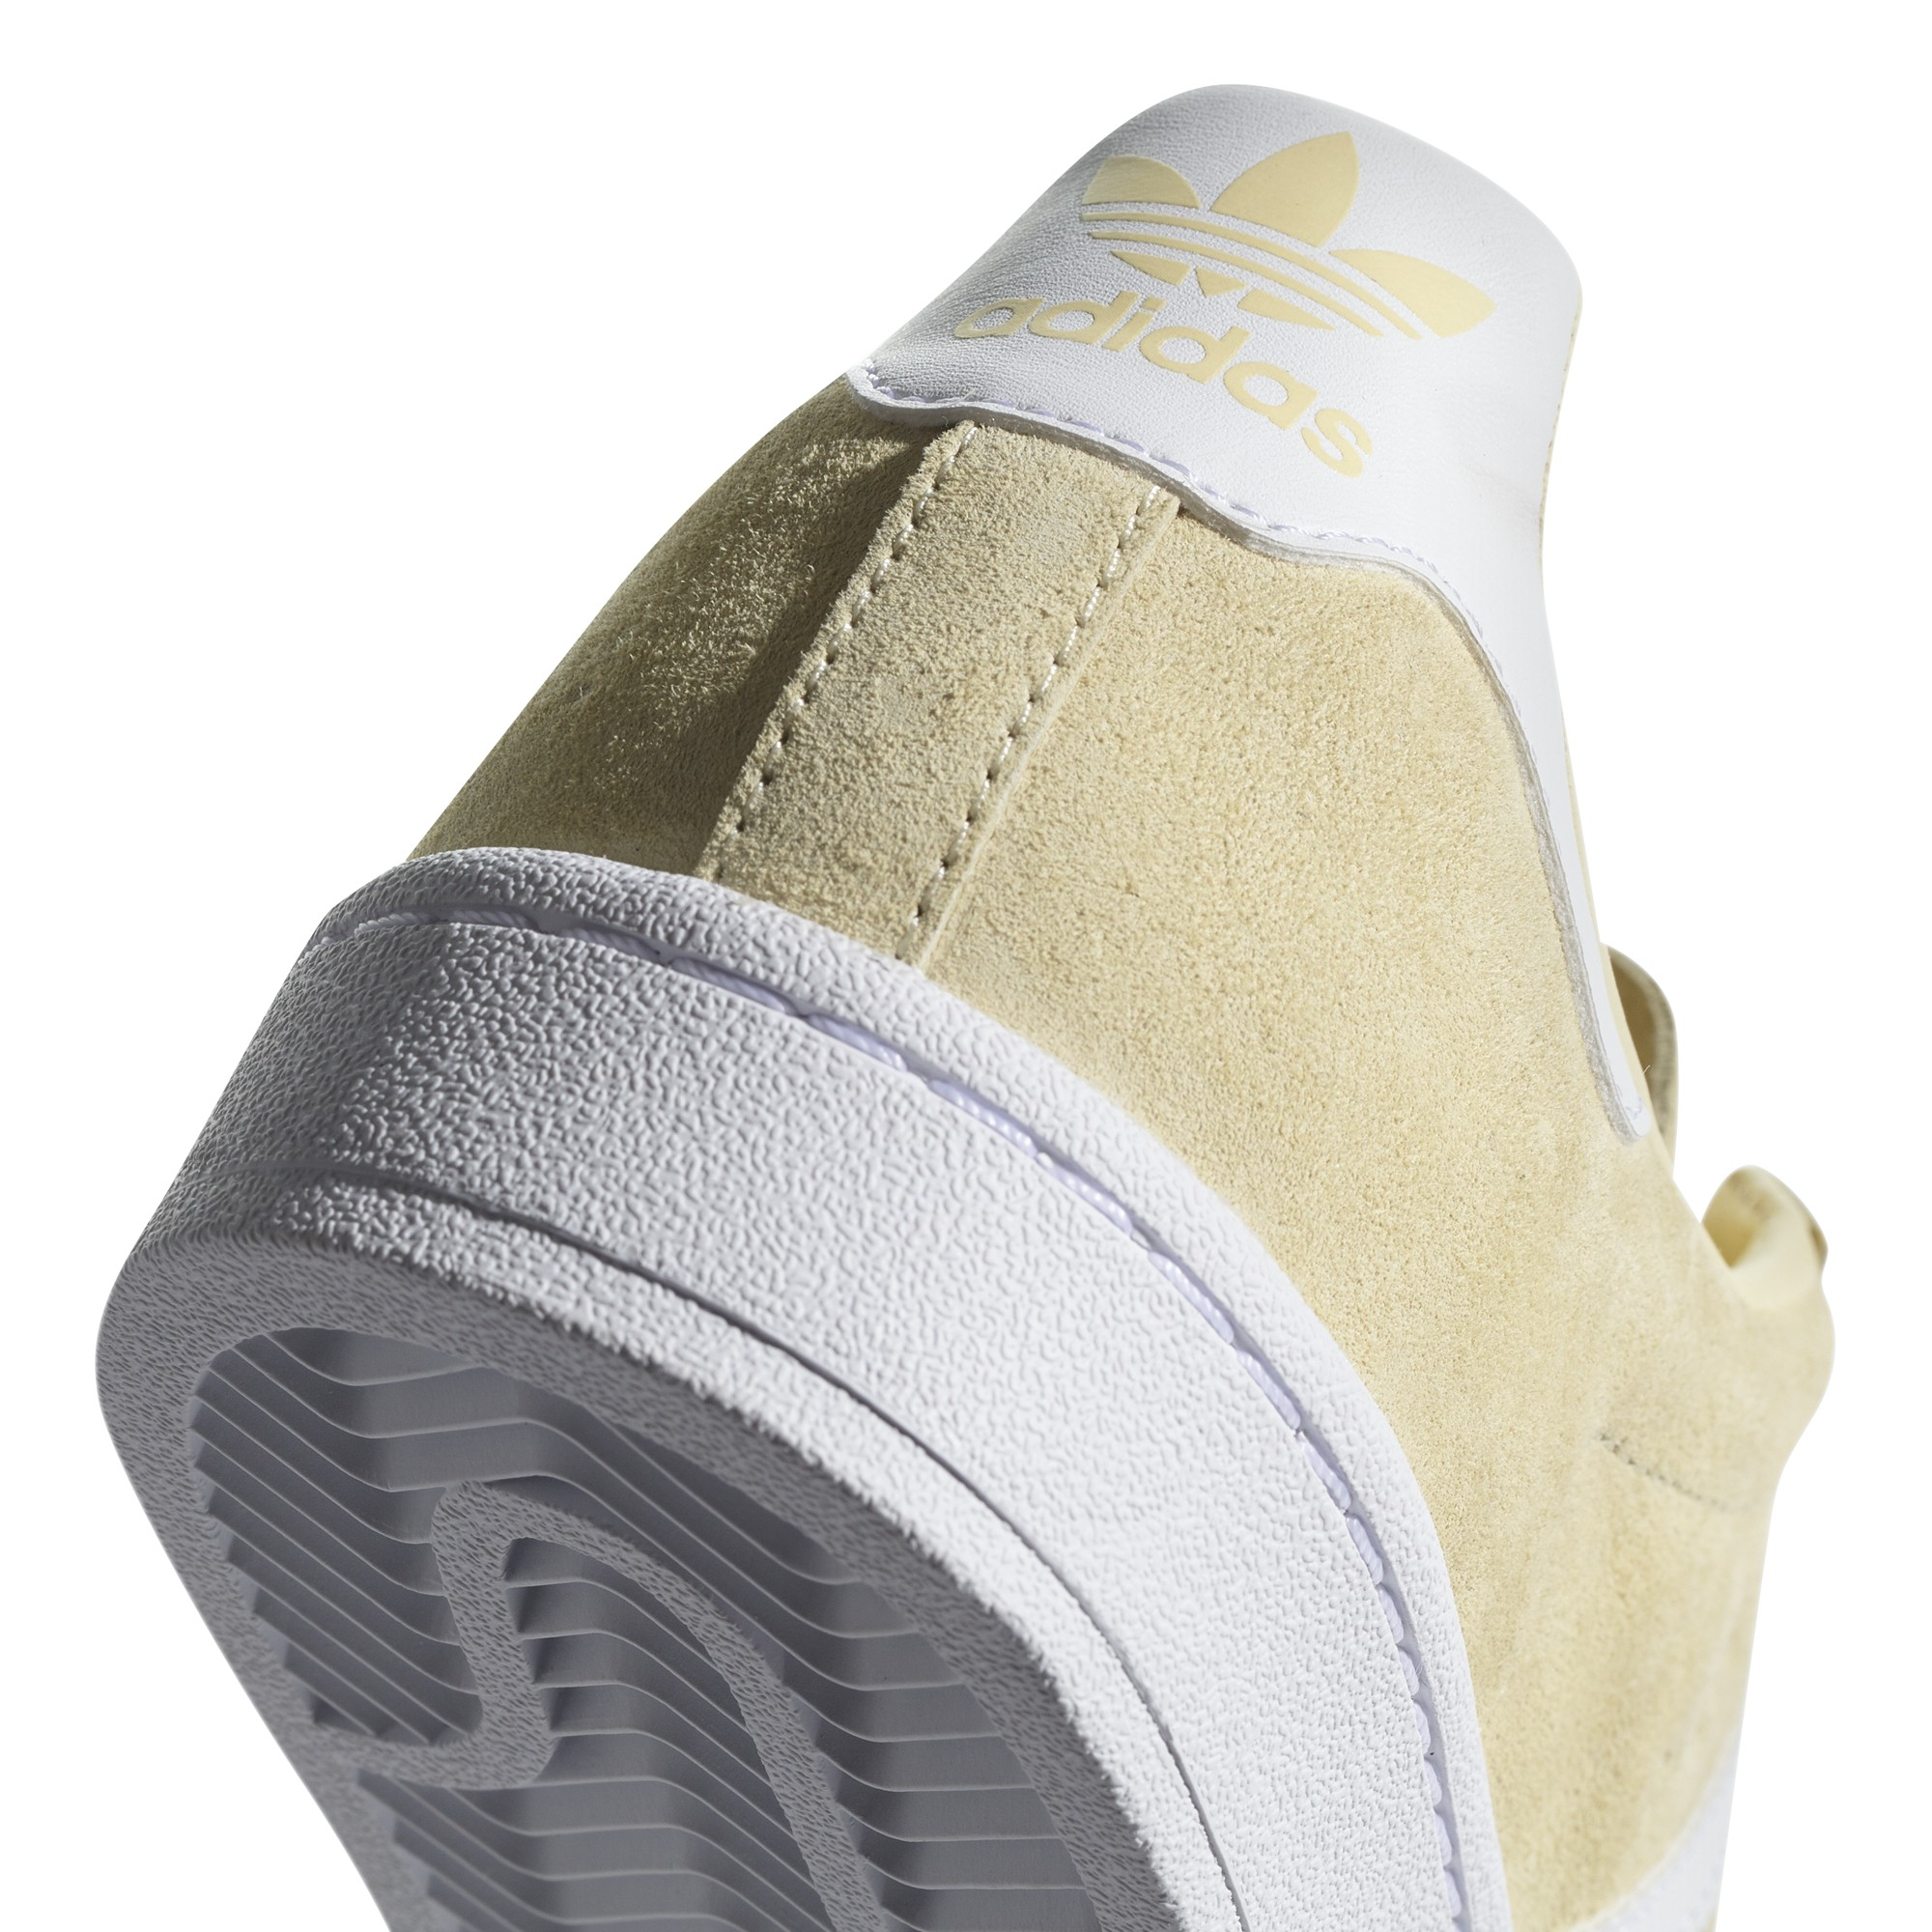 Adidas Donna Campus Giallo/Bianco Ubicaciones De Los Centros Envío Libre Comprar Barato Paquete De Cuenta Regresiva Salida 100% Auténtico Gran Venta Para La Venta h9zTjqSLx